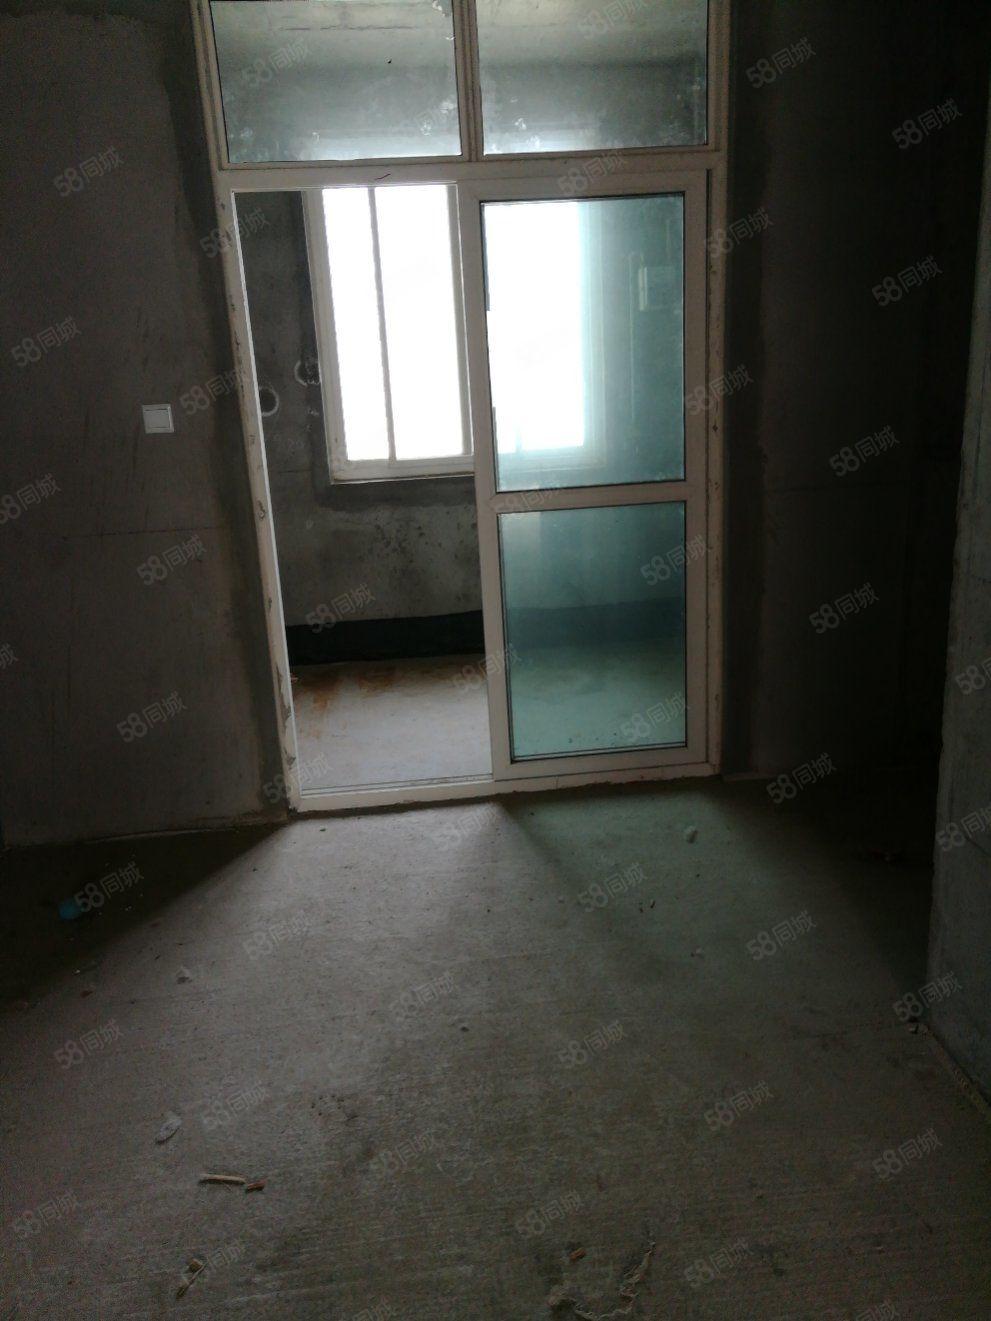 中青国际3室2厅1卫一期的好房子带柴房